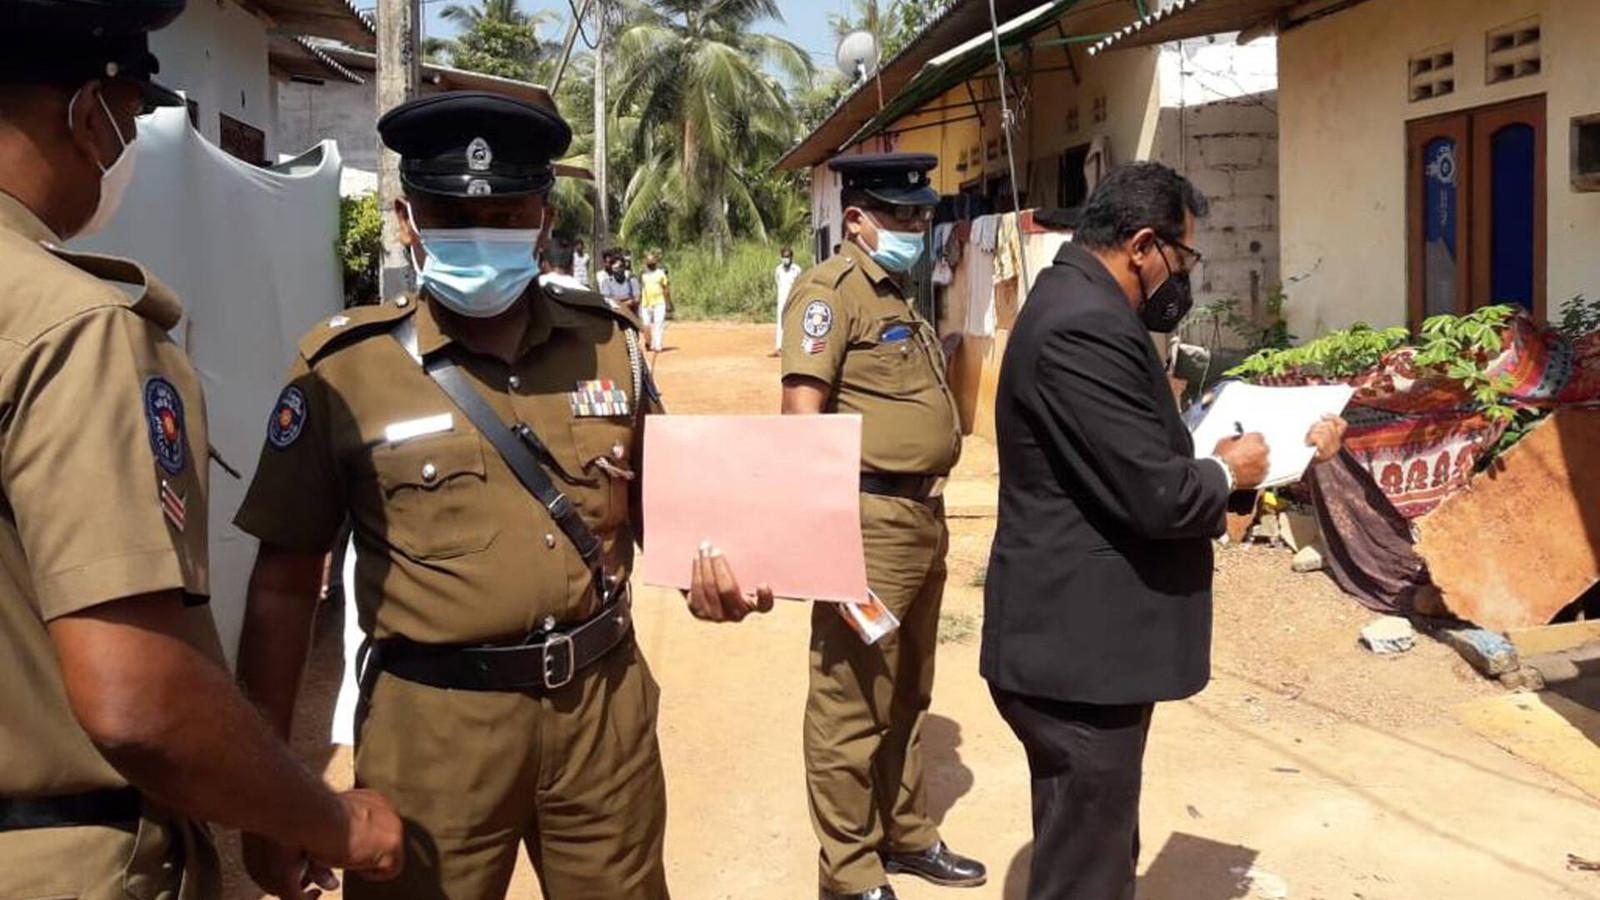 Politie doet onderzoek naar dood van meisje in Sri Lanka.